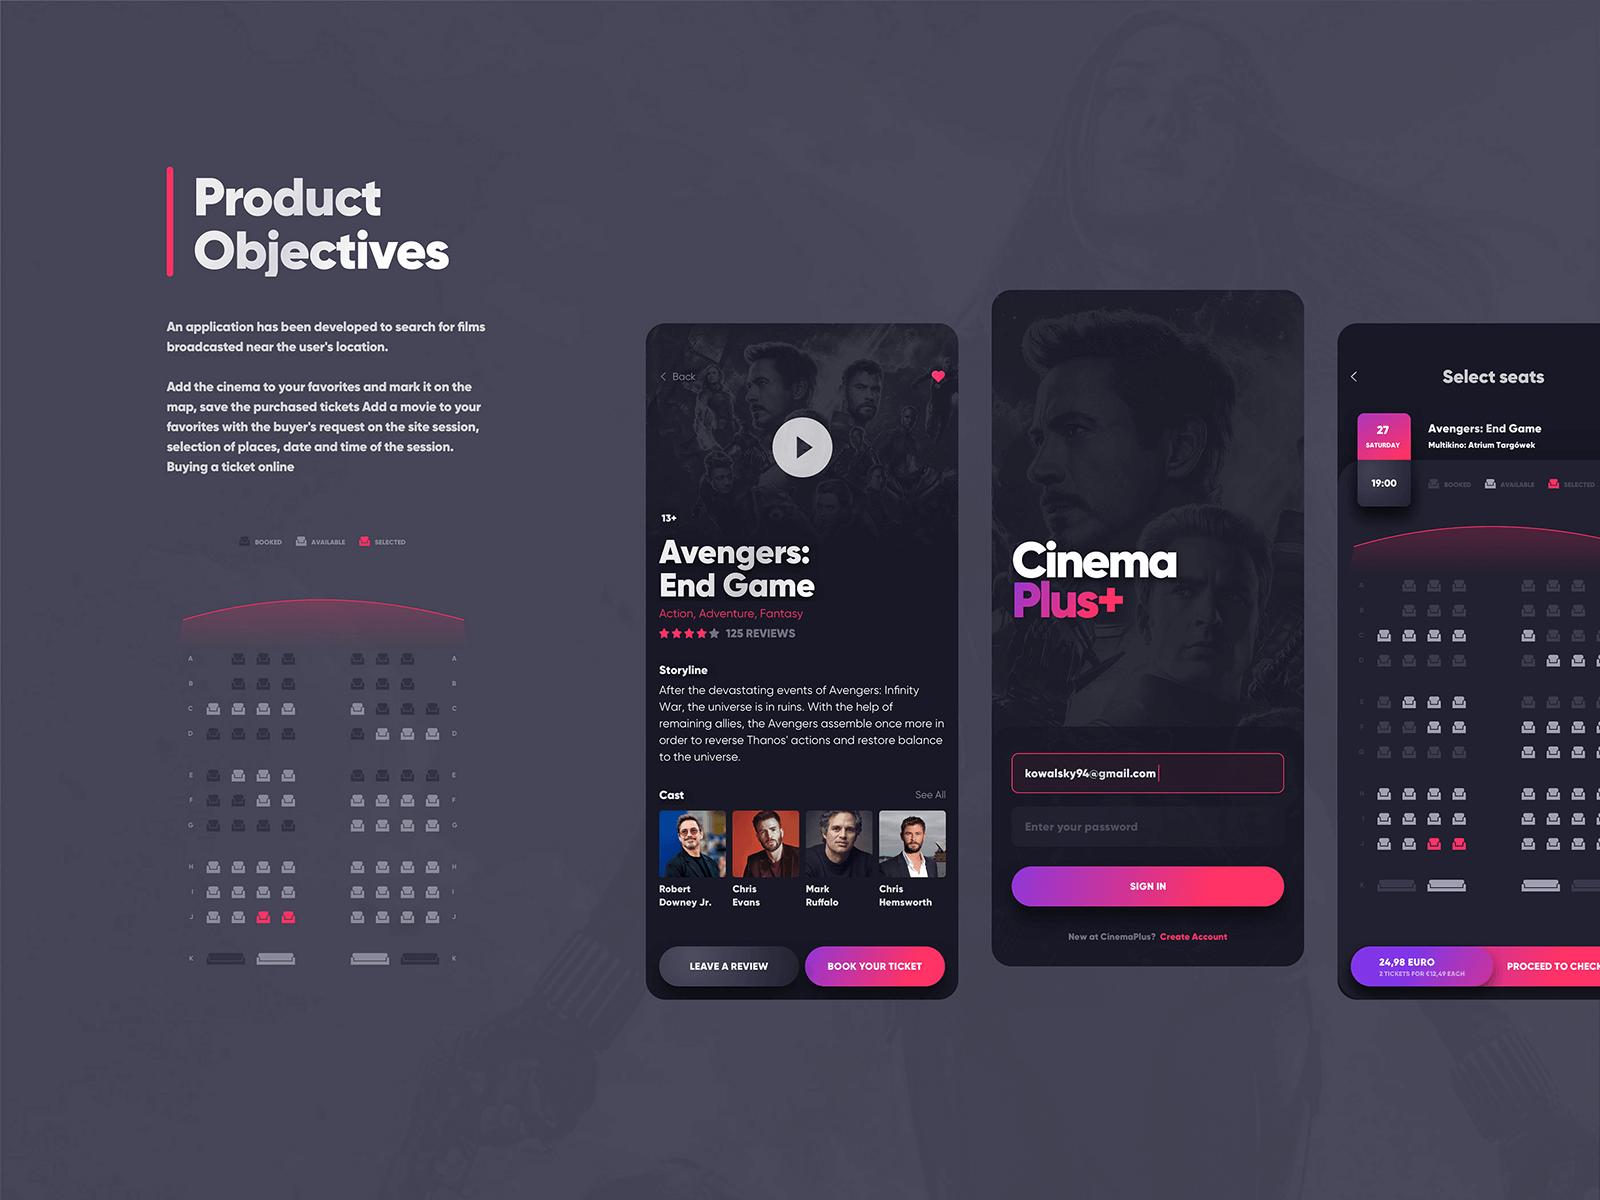 Cinema Plus cover image